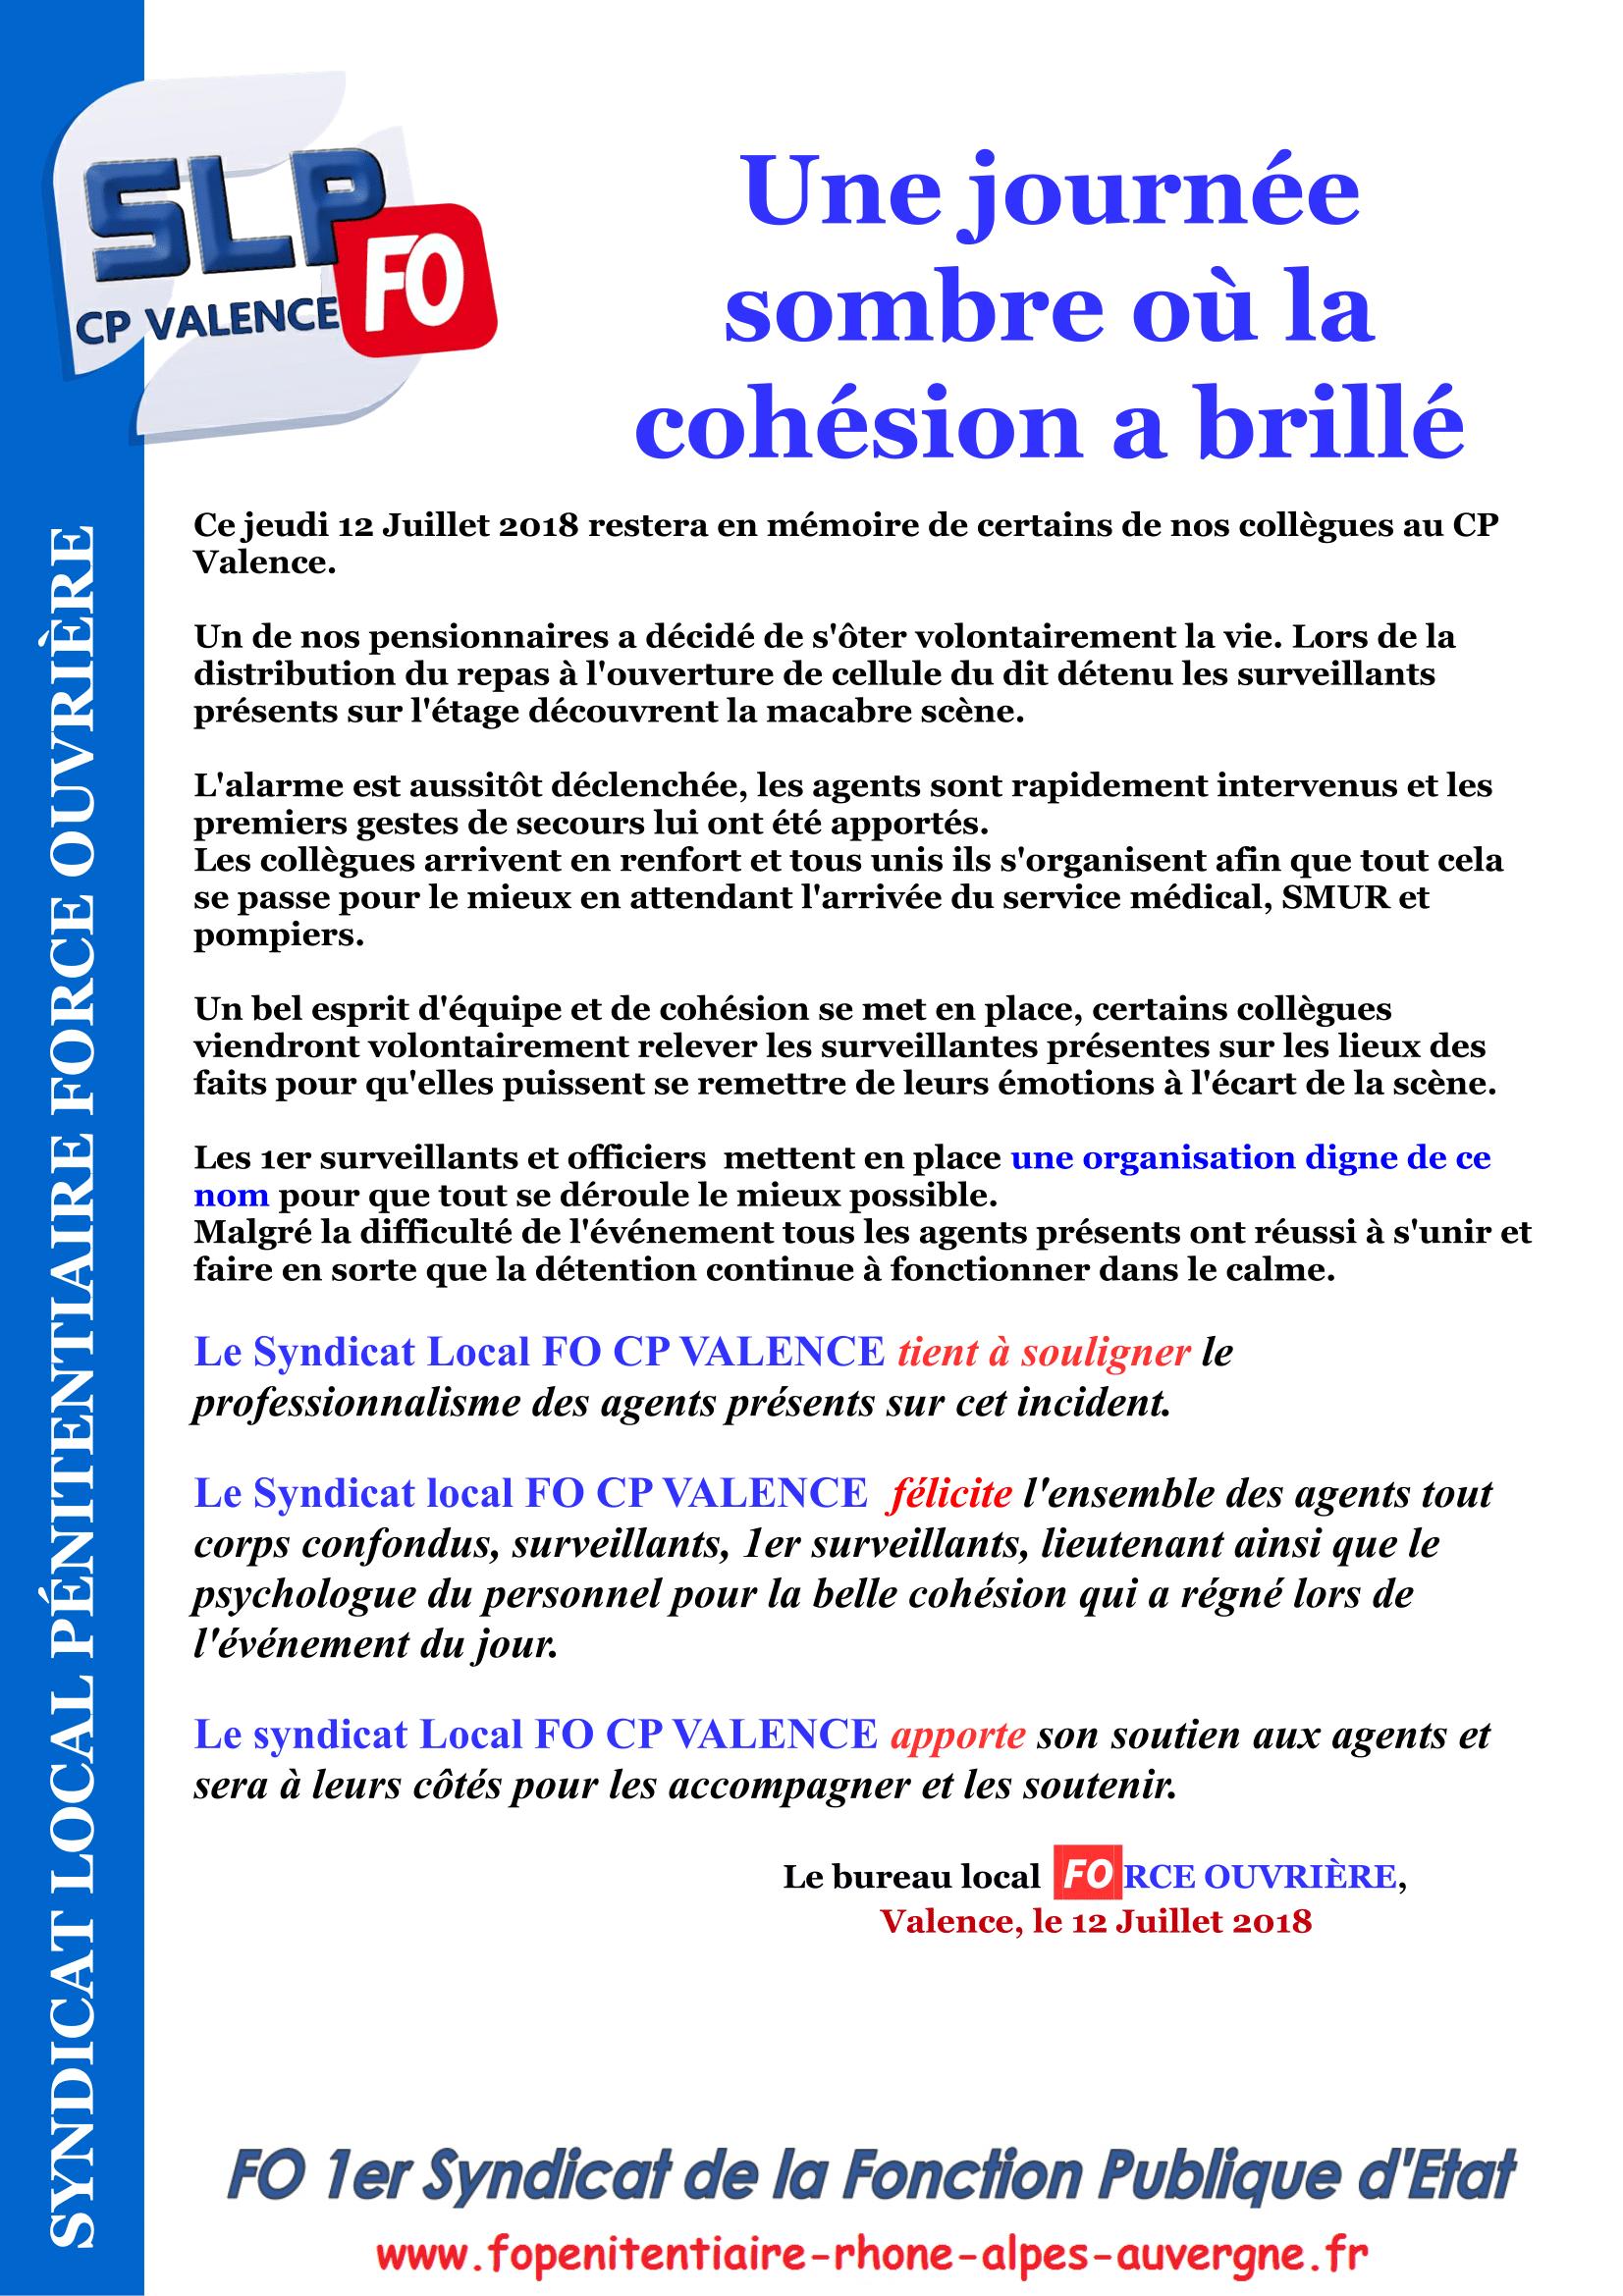 CP Valence - Journée du 12 Juillet 2018-1